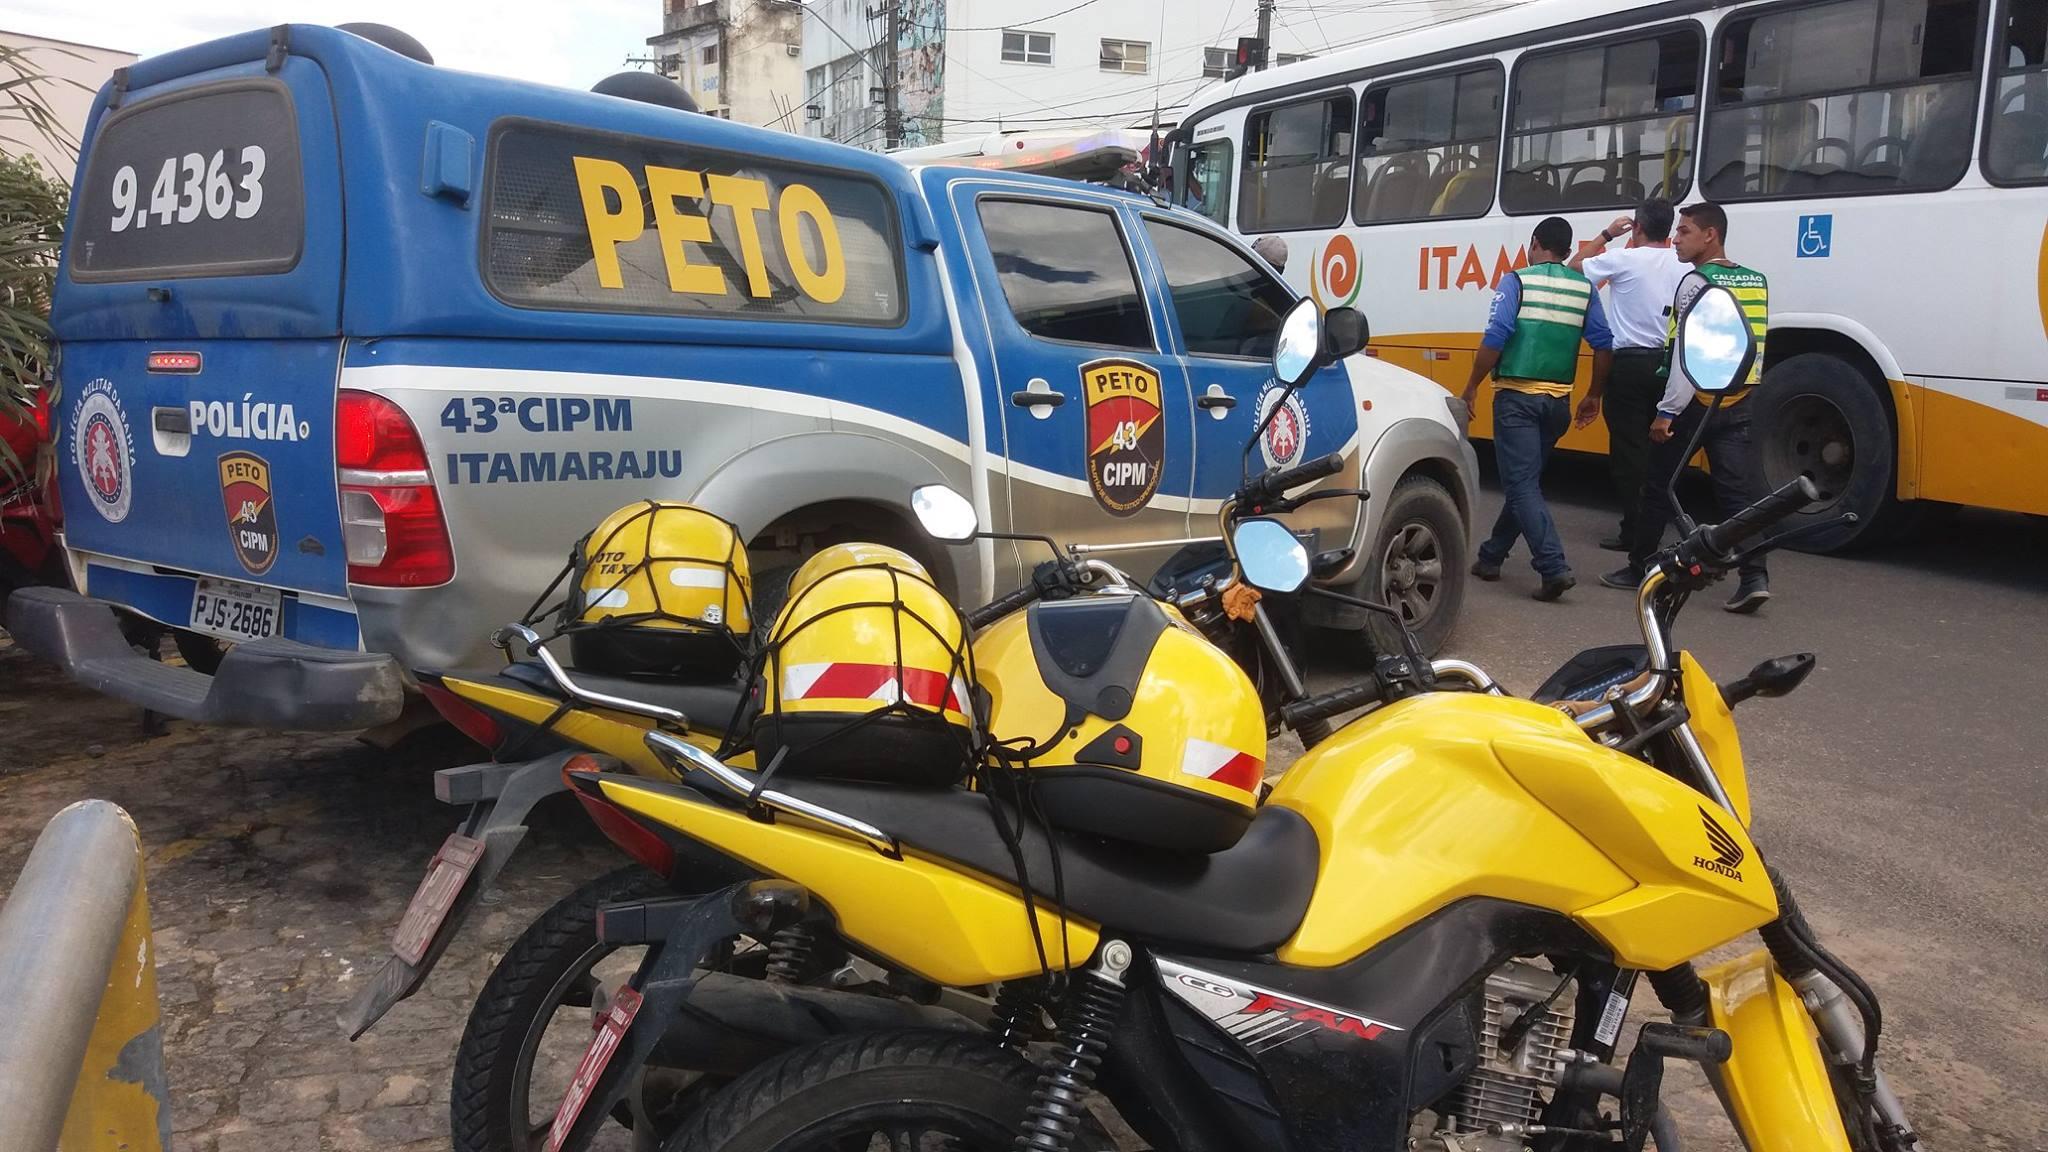 CPRSul - 43ª CIPM/Itamaraju emite comunicado sobre a paralisação do transporte regular de passageiros e manifestação em Itamaraju.